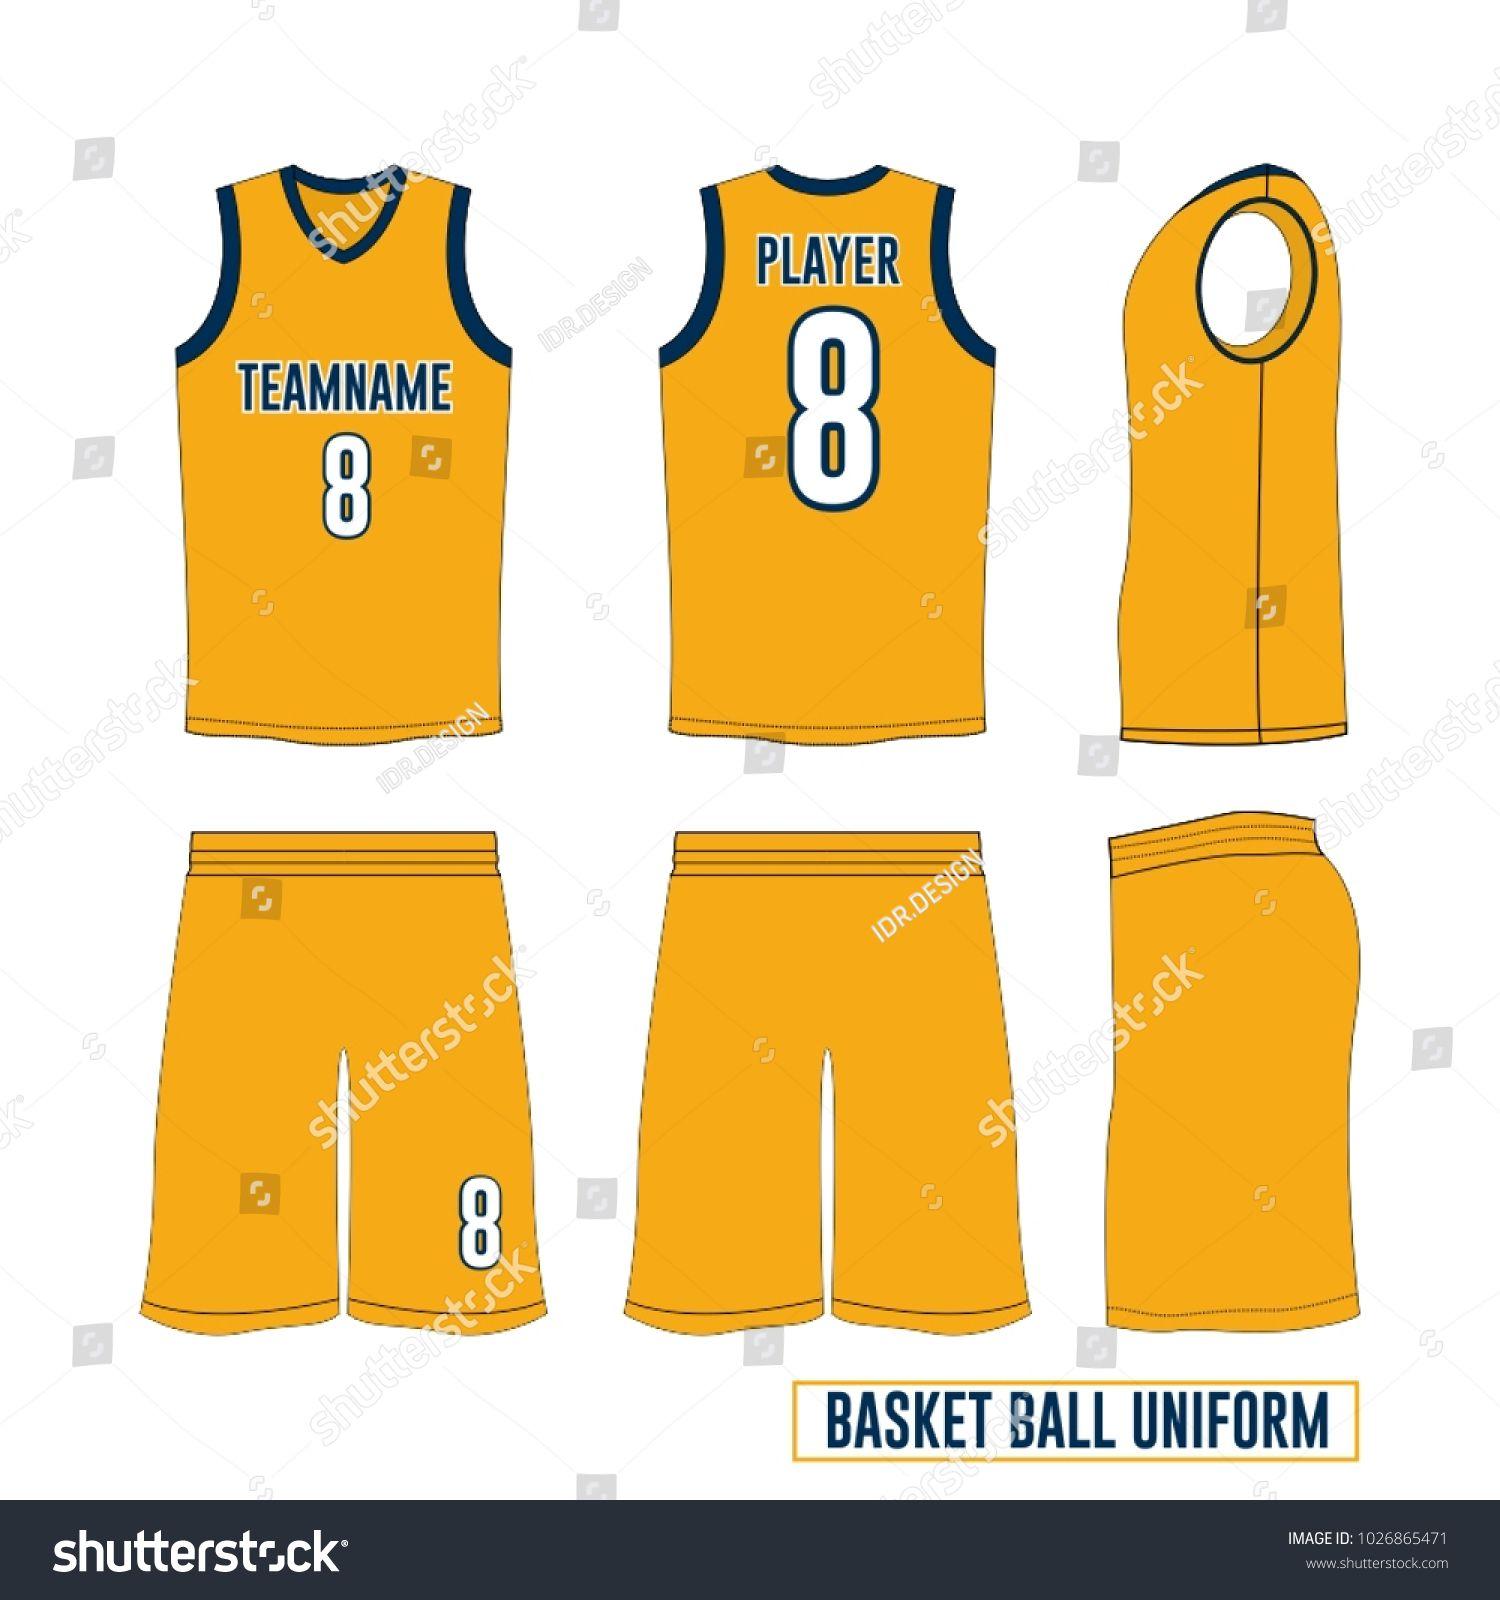 1500x1600 Basketball Uniform Vector Template Basketball Uniform